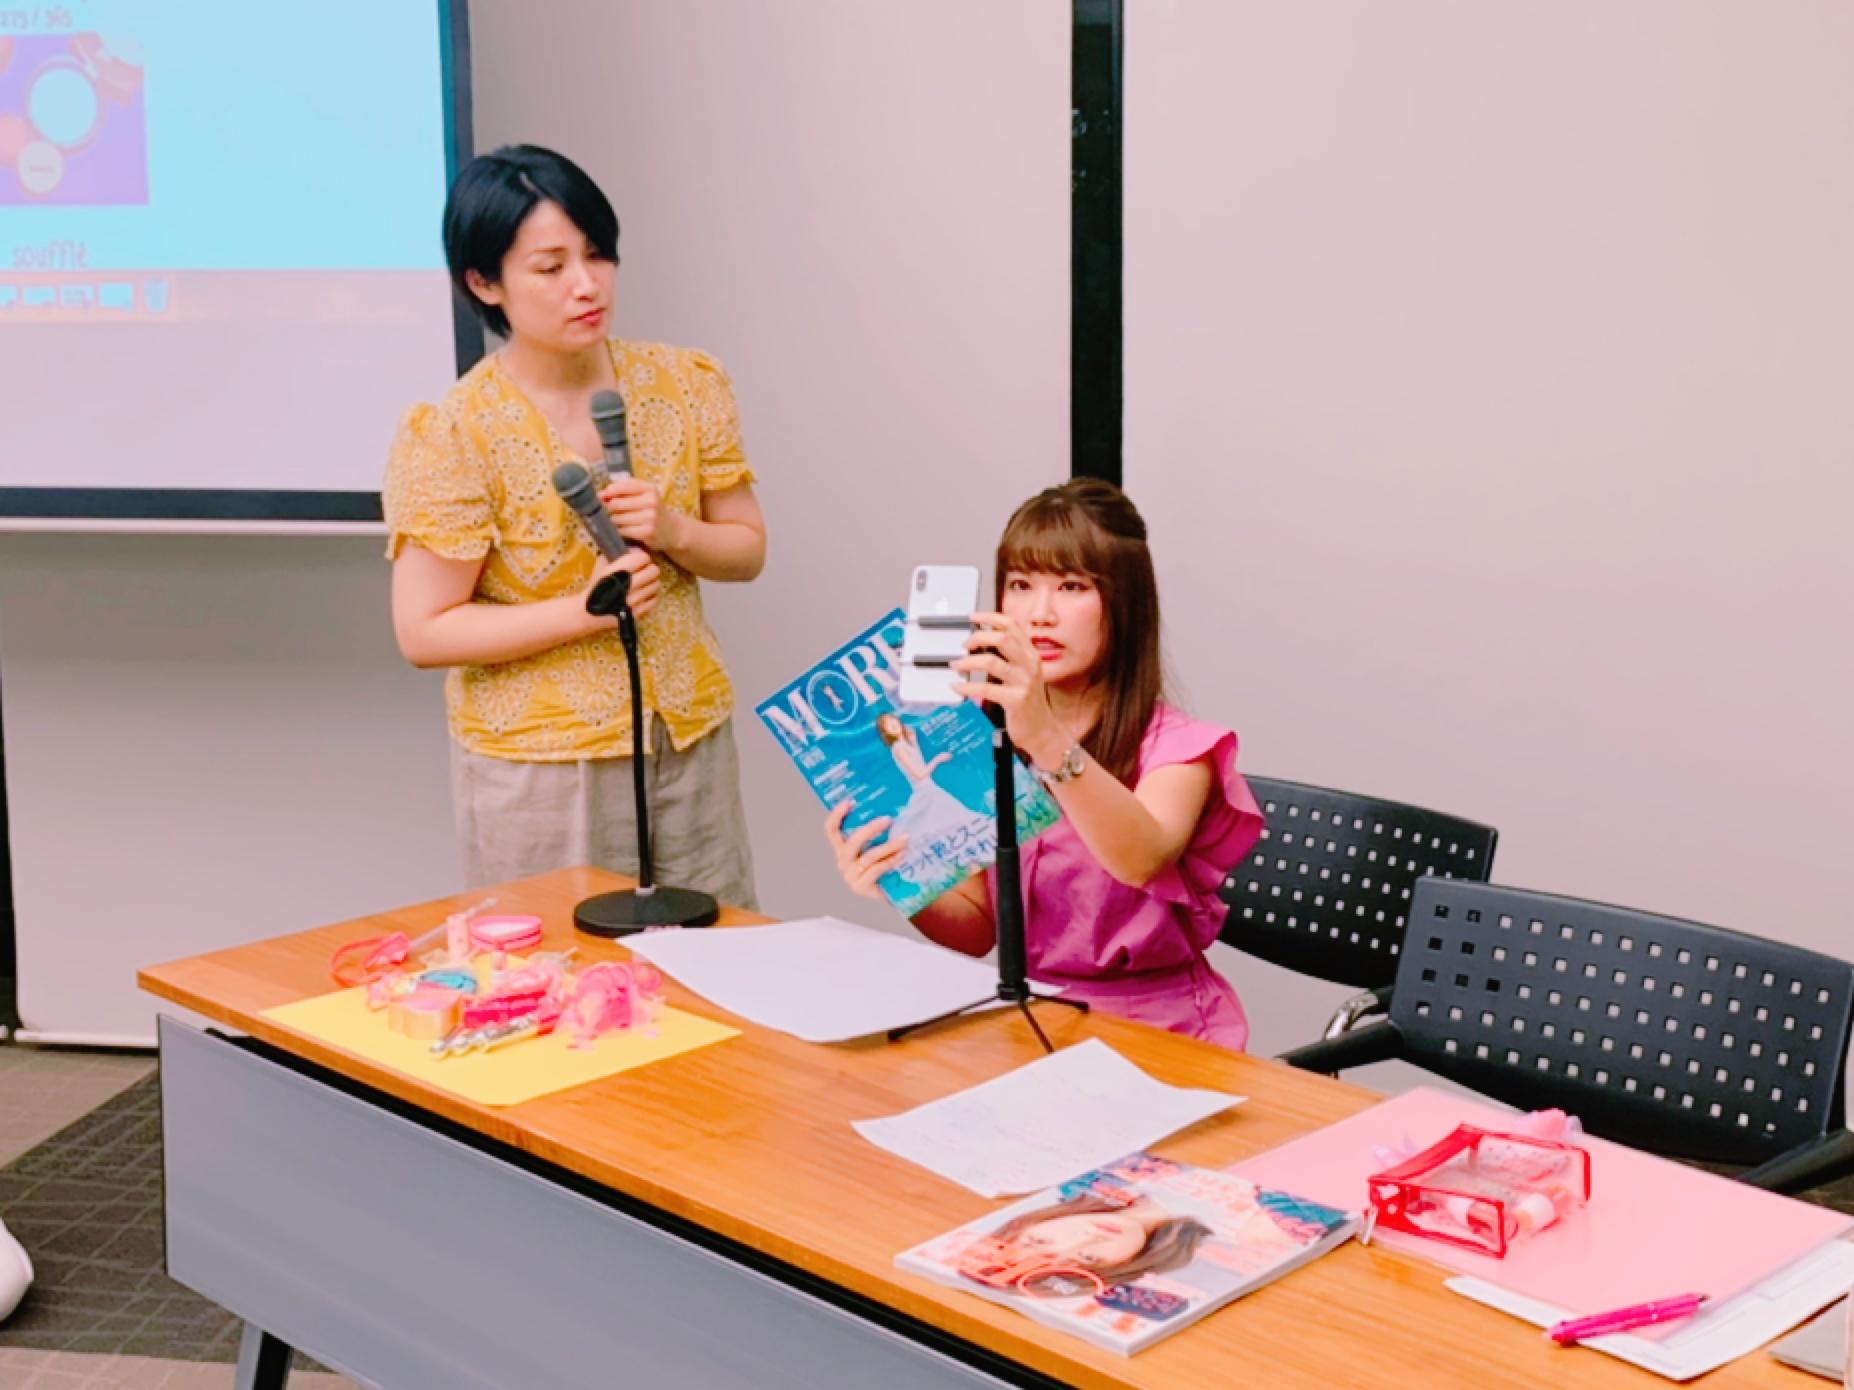 ▷【モアハピ☆セミナー開催!!】参加してきました⑅◡̈*_1